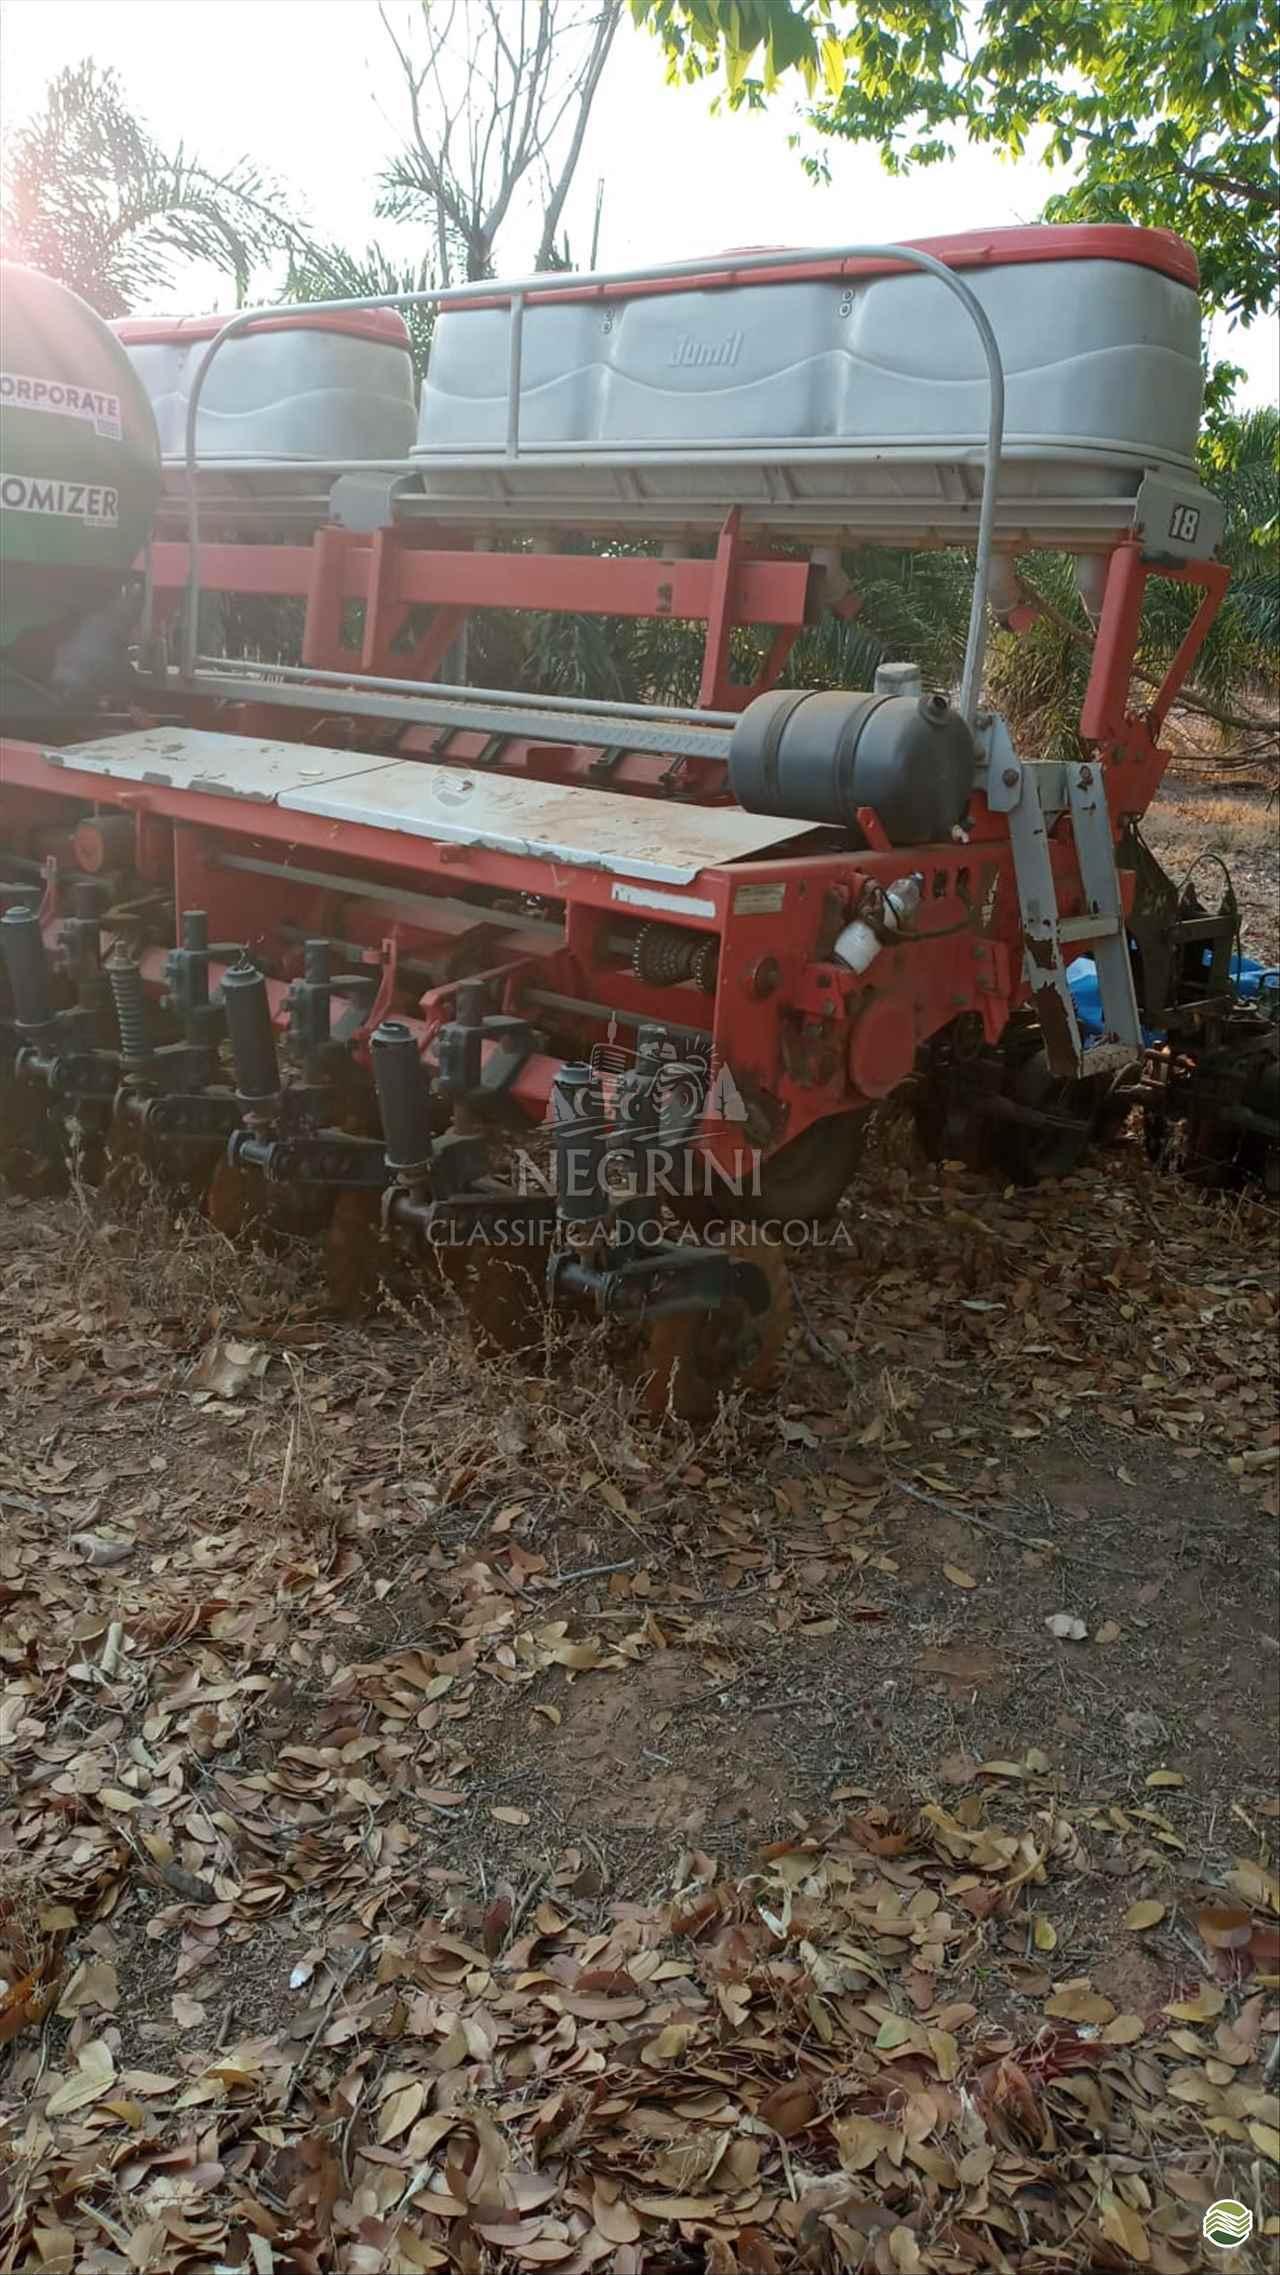 JM 2980 PD EXACTA de Negrini Plantadeiras - FLORESTA/PR